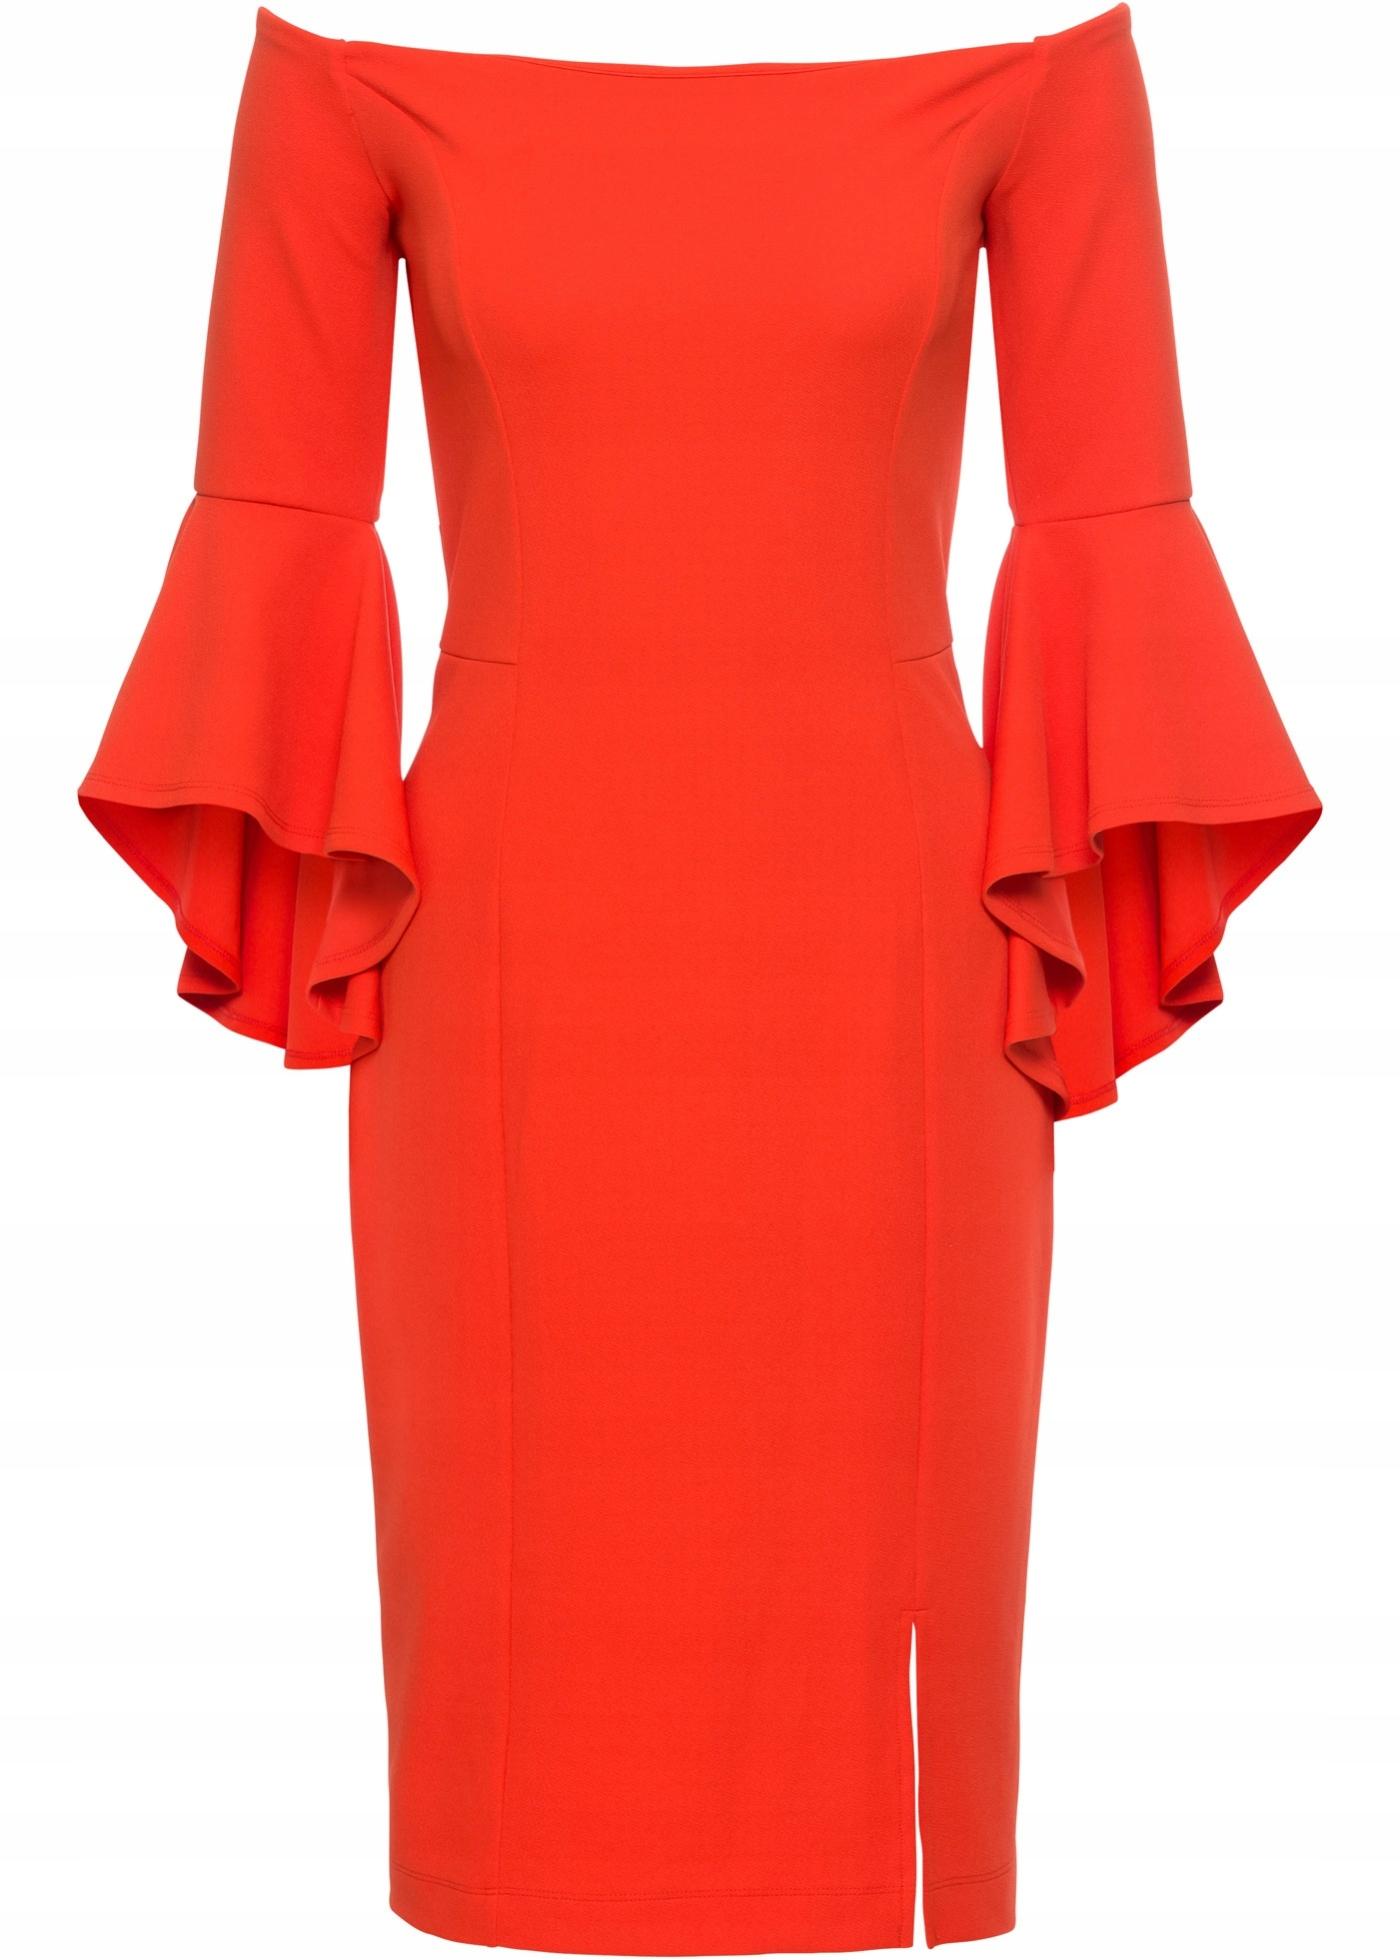 4a6aaae8ed J416 BPC Sukienka z rozkloszowanymi rękawami 44 46 - 7626095779 ...